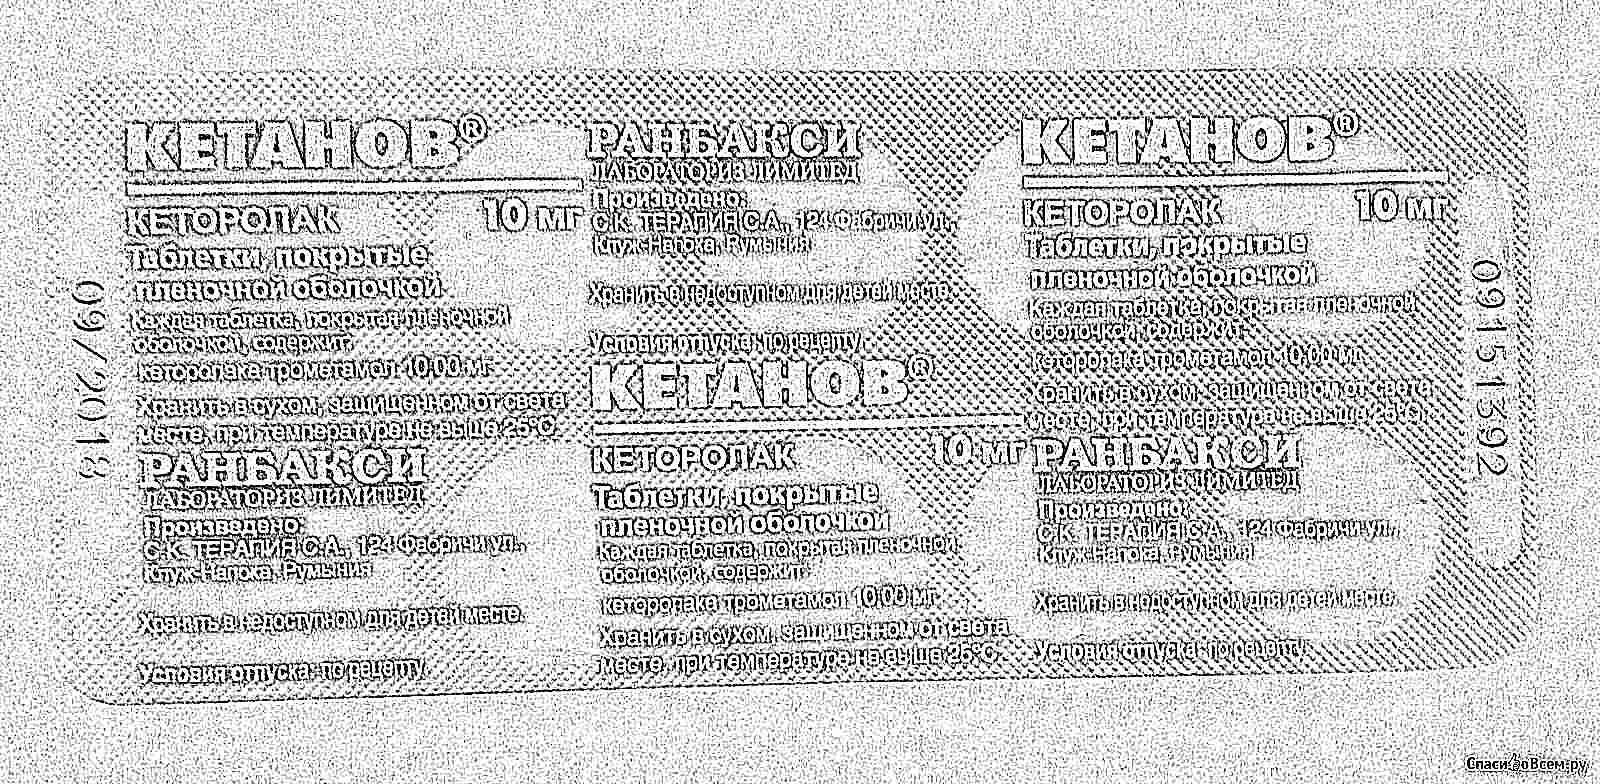 Кетонов инструкция по применению таблетки